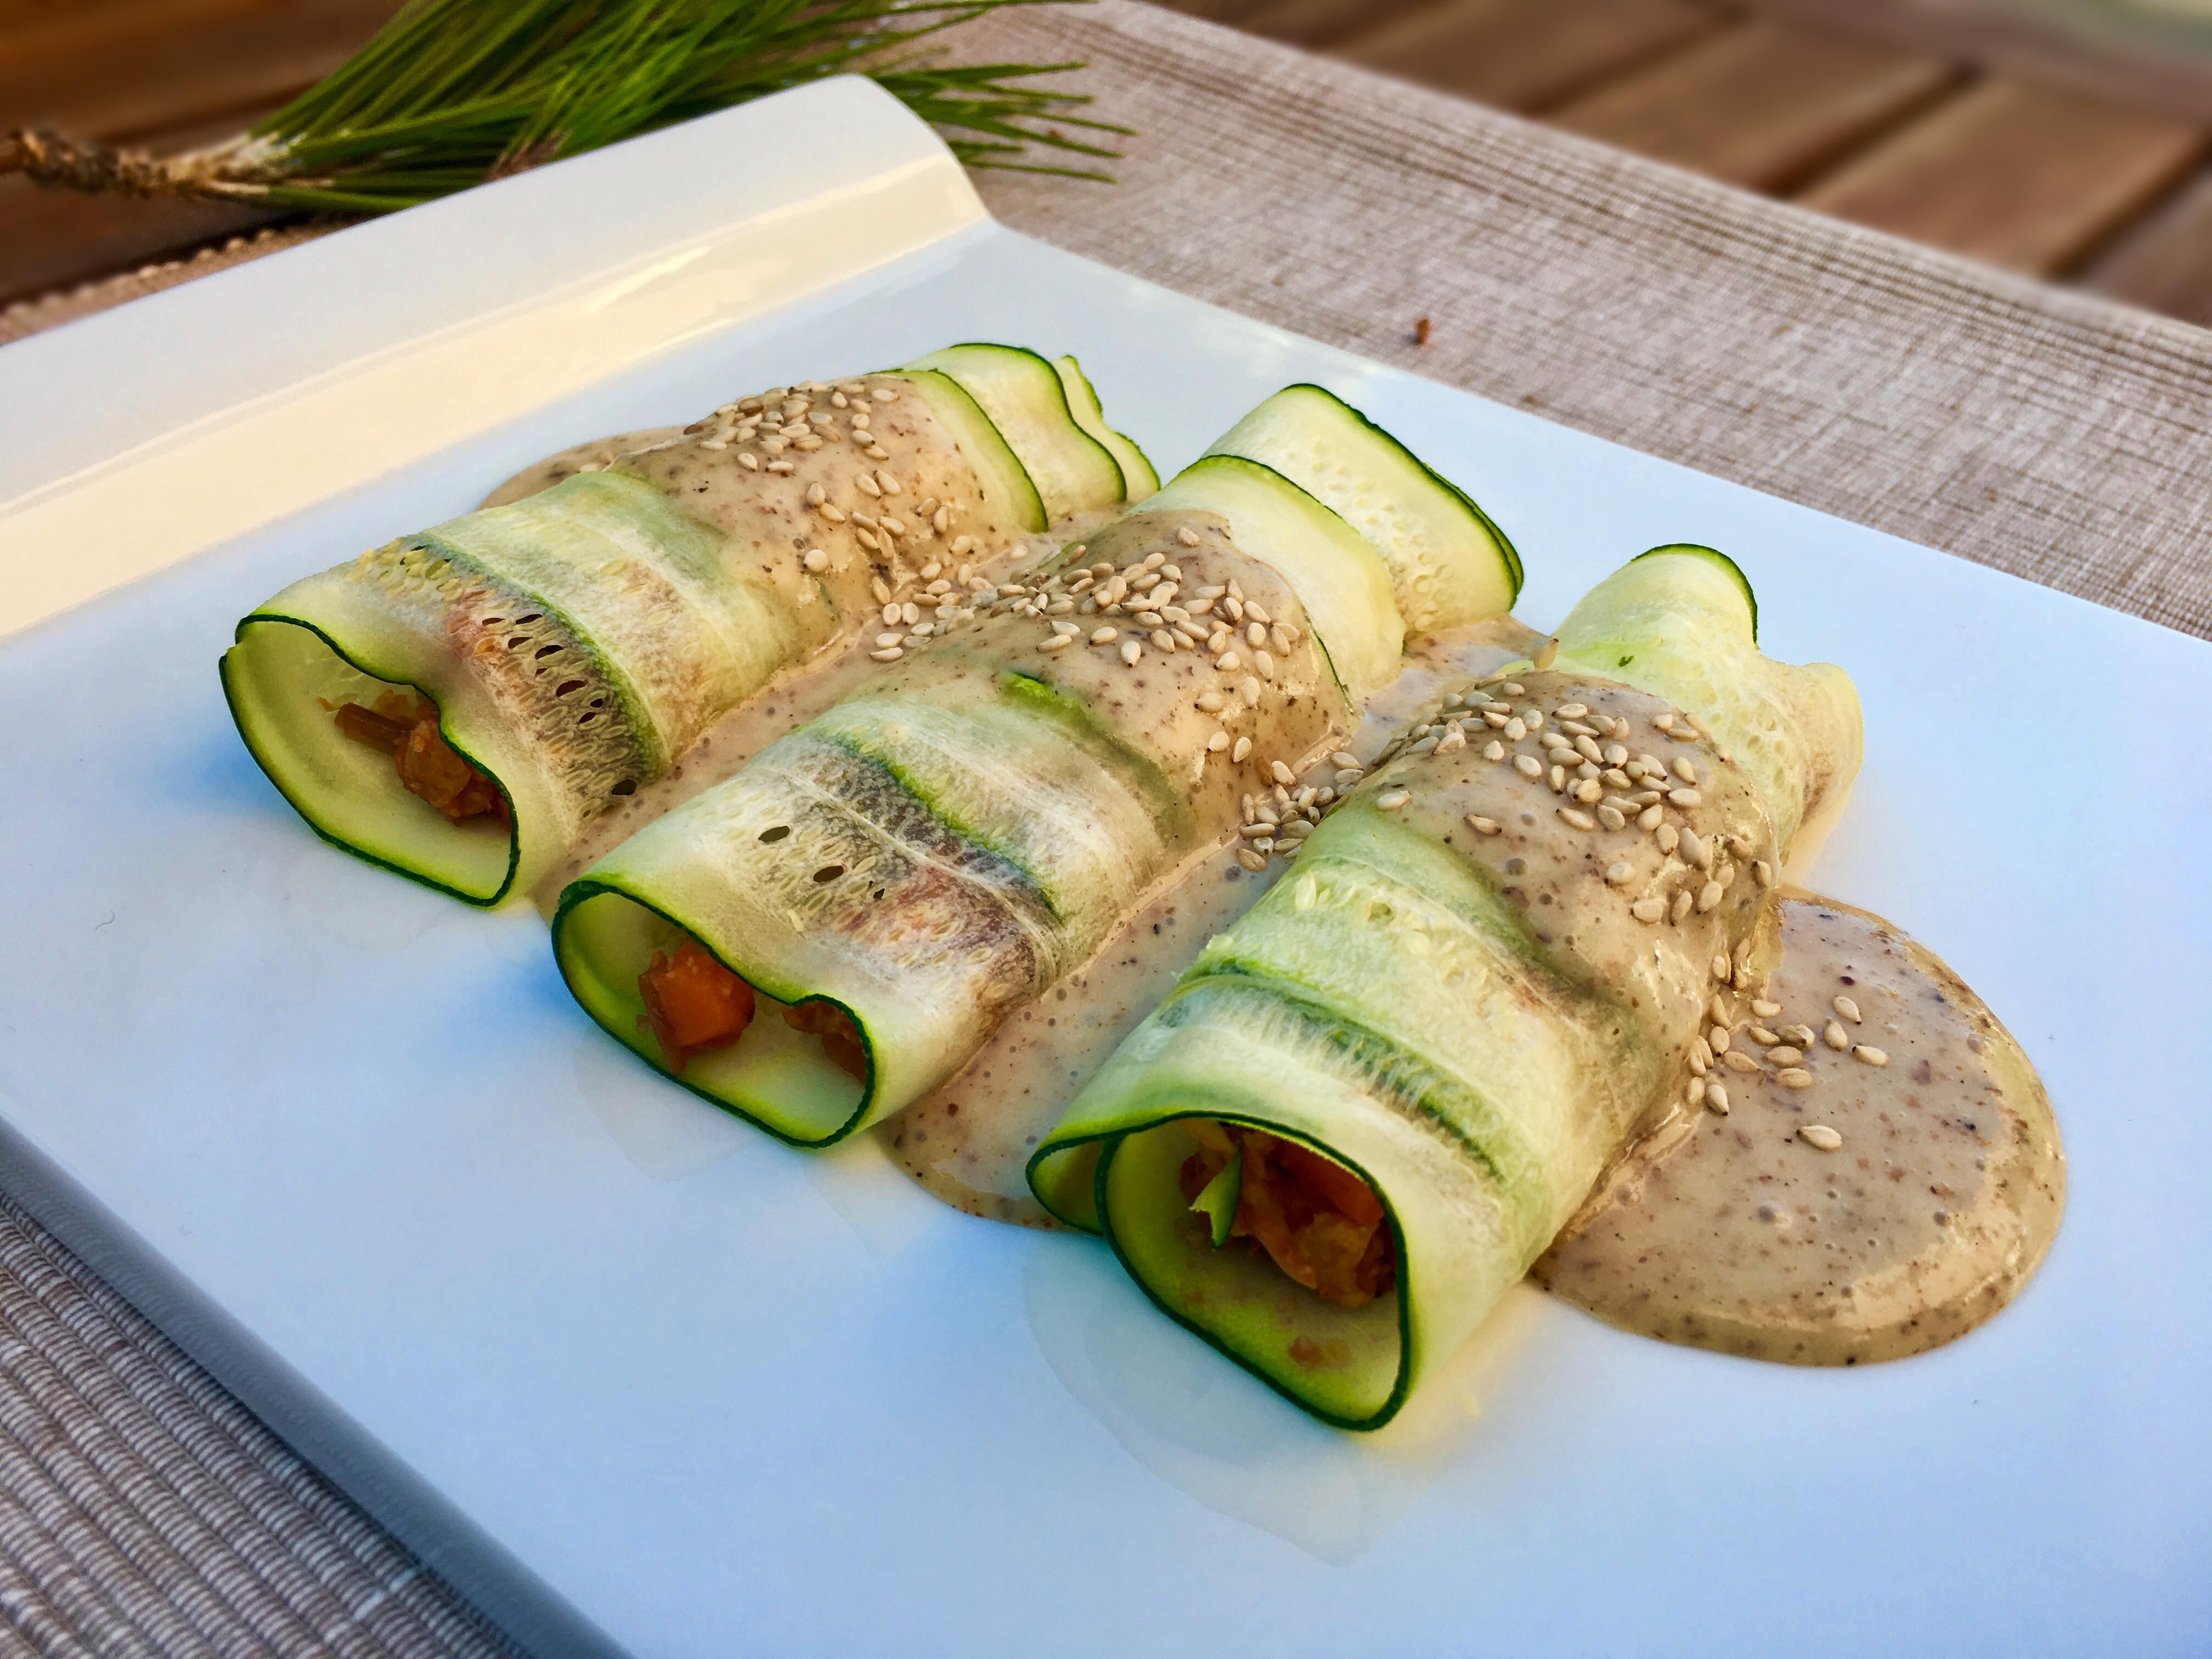 canelones de soja texturizada